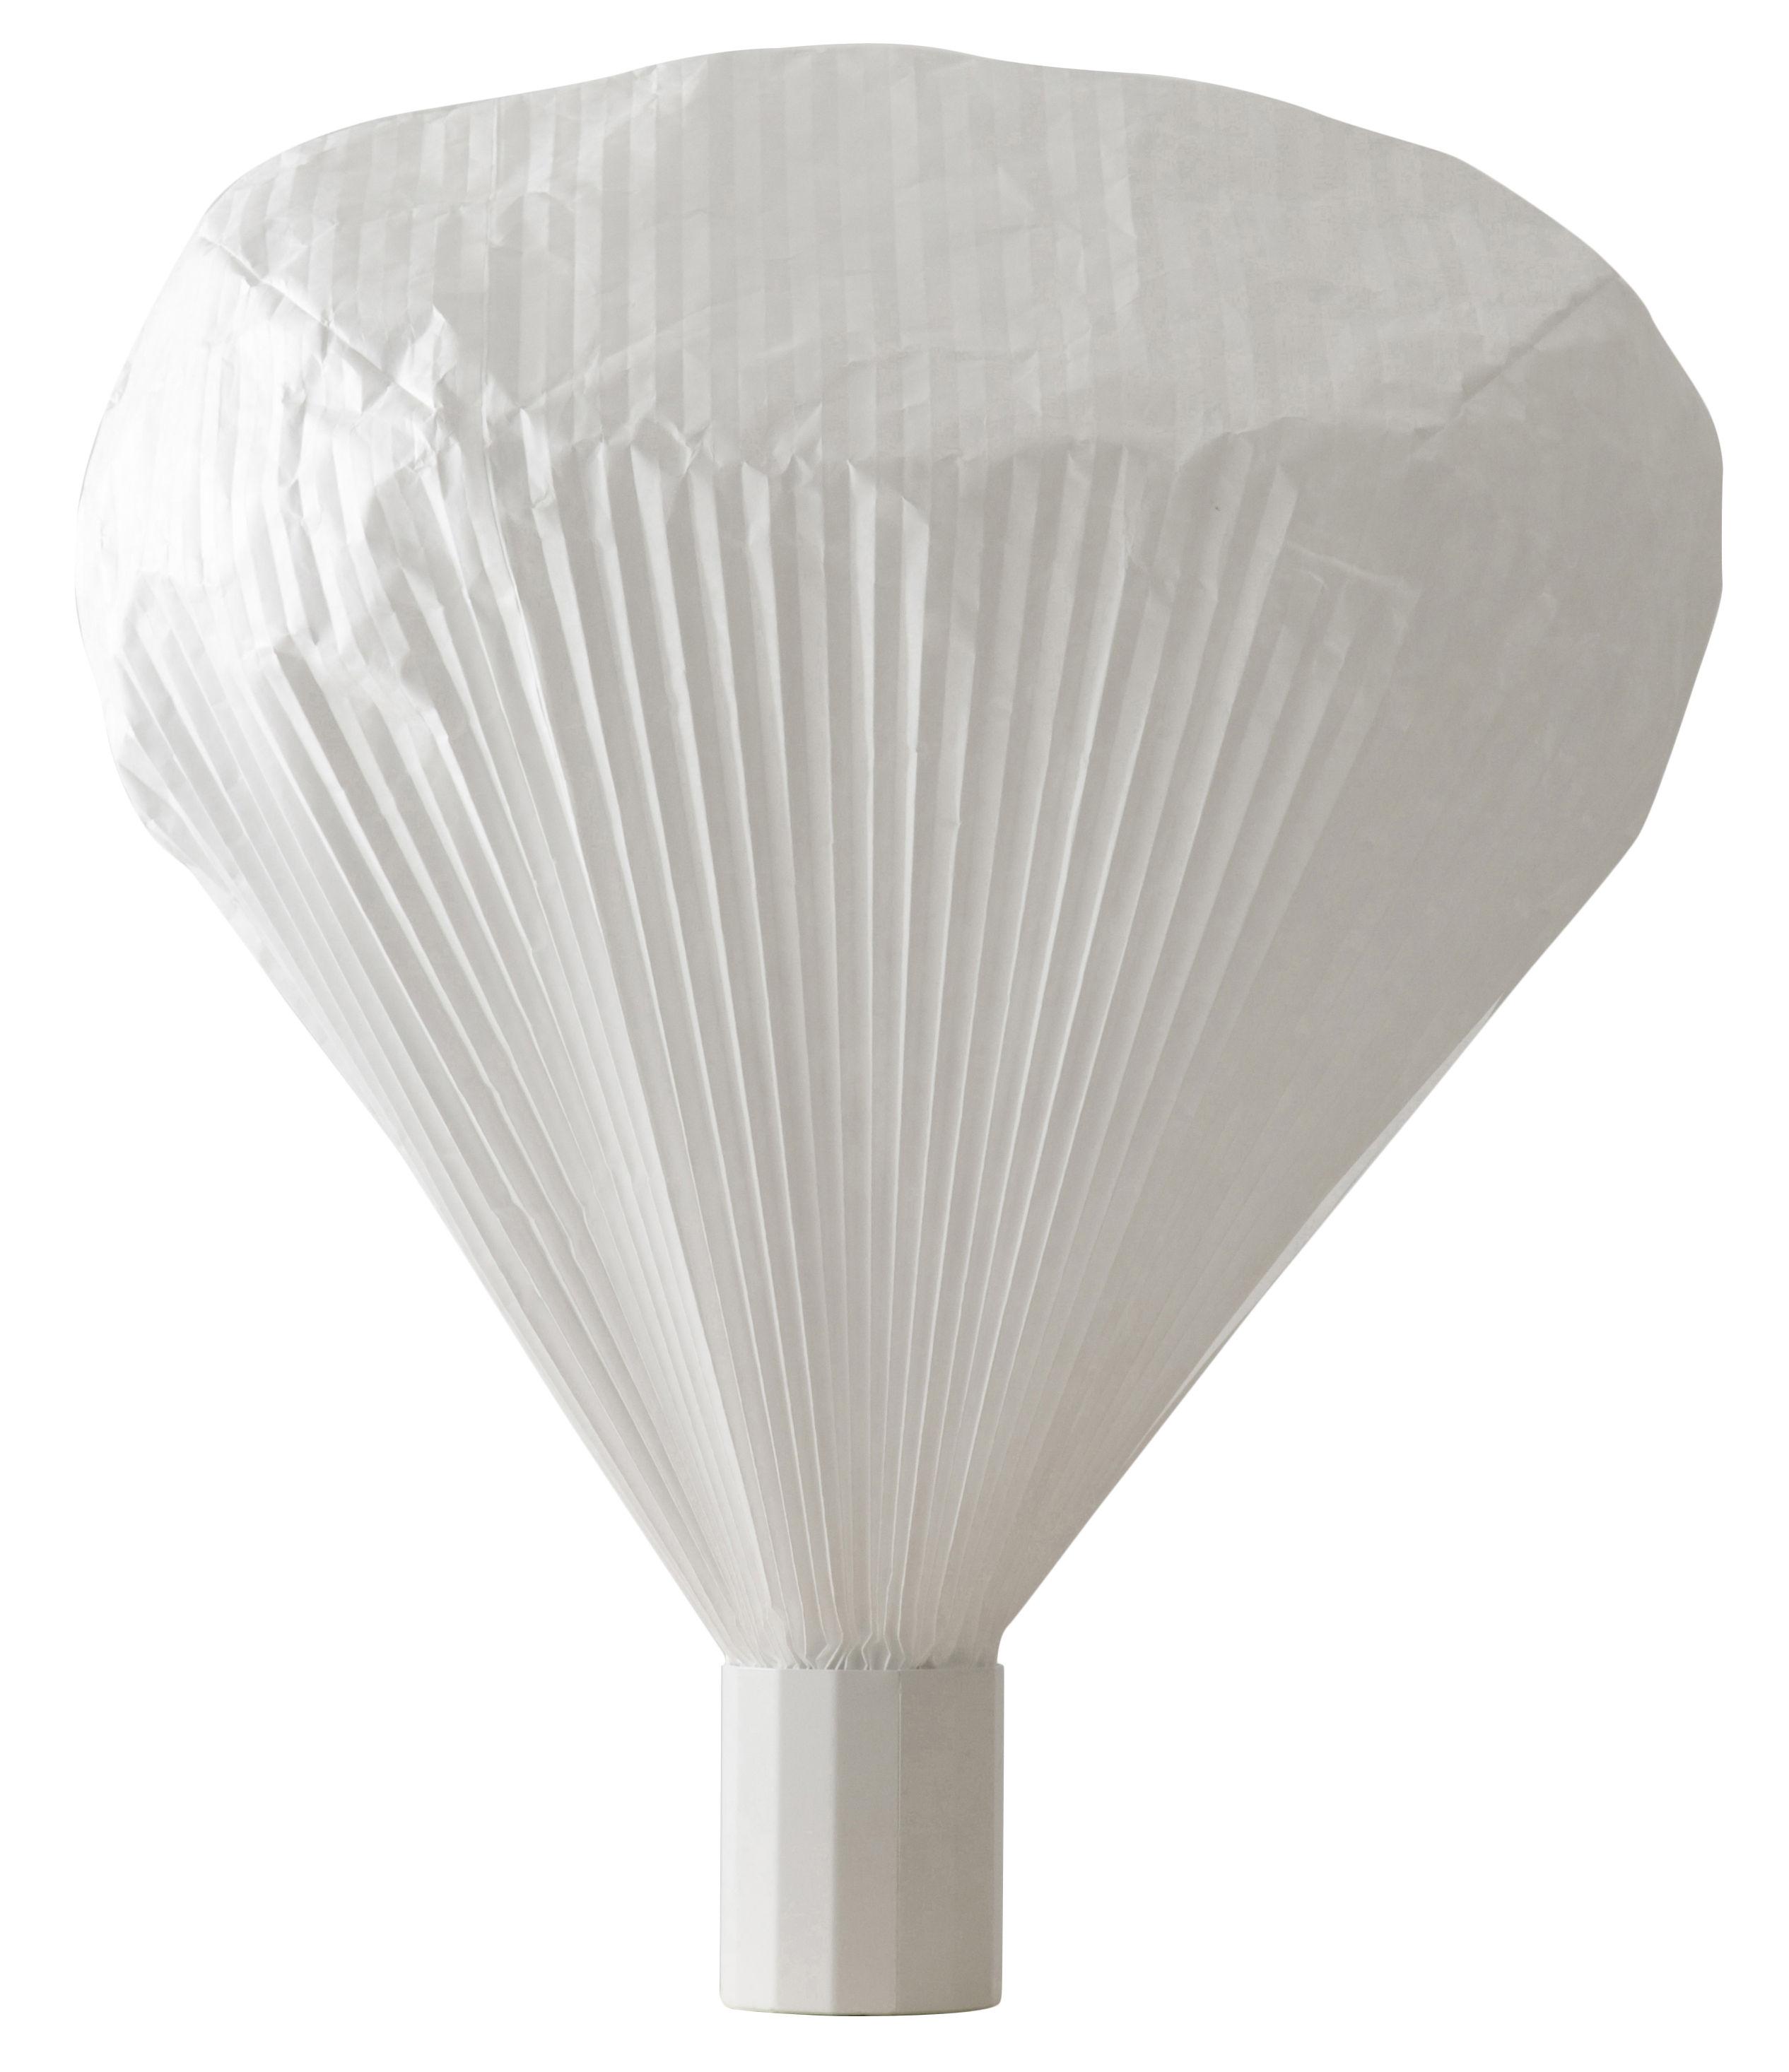 Luminaire - Lampes de table - Lampe de table Vapeur / H 63 cm - Moustache - Base blanche / Diffuseur blanc - Métal laqué, Papier Tyvek